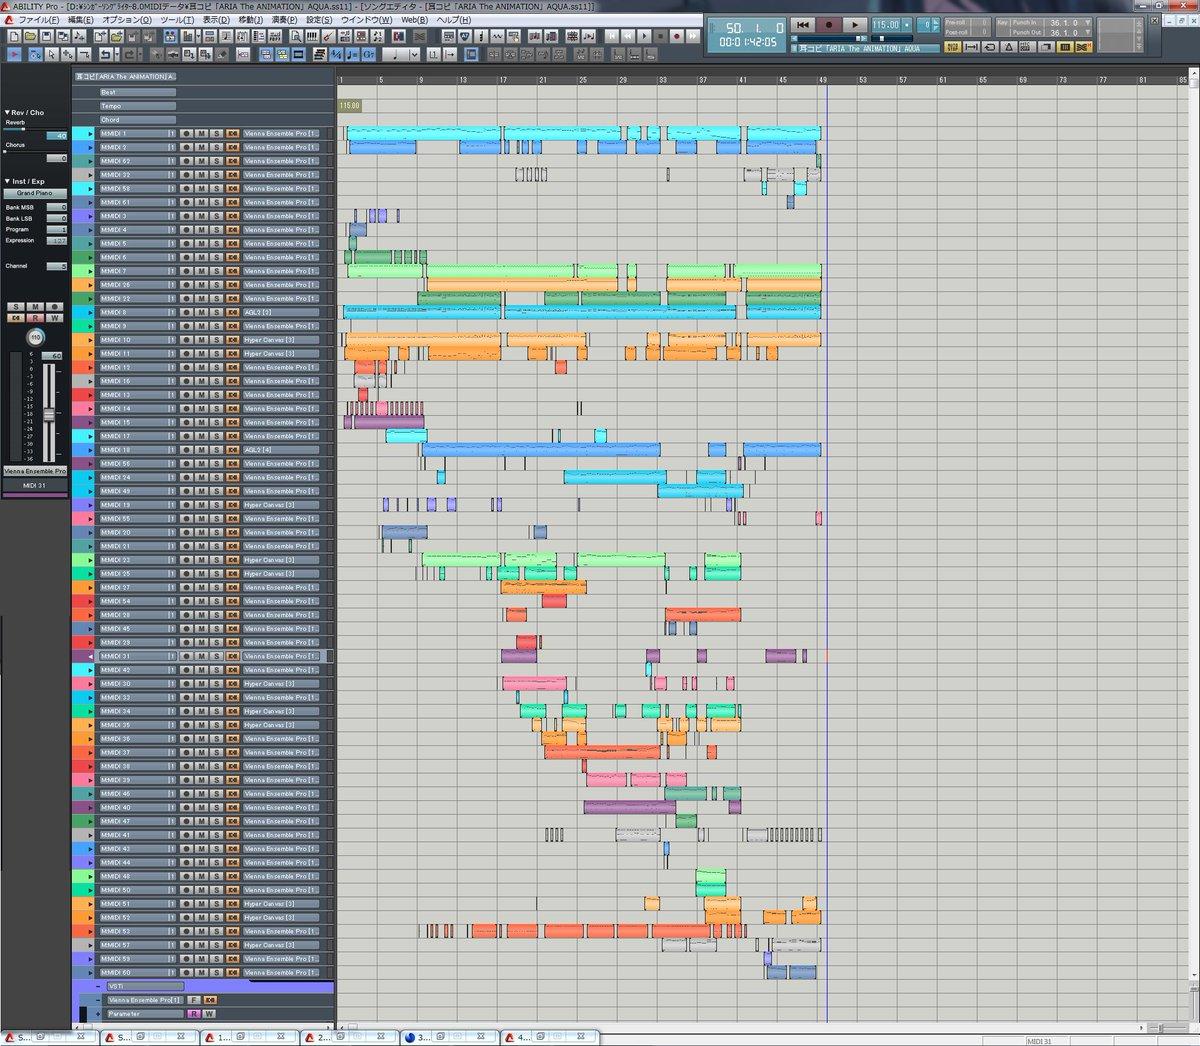 耳コピ「ARIA The ANIMATION」AQUA 途中経過 ⑤耳コピ122曲目極めて高い「耳コピ」難易度を誇る本作